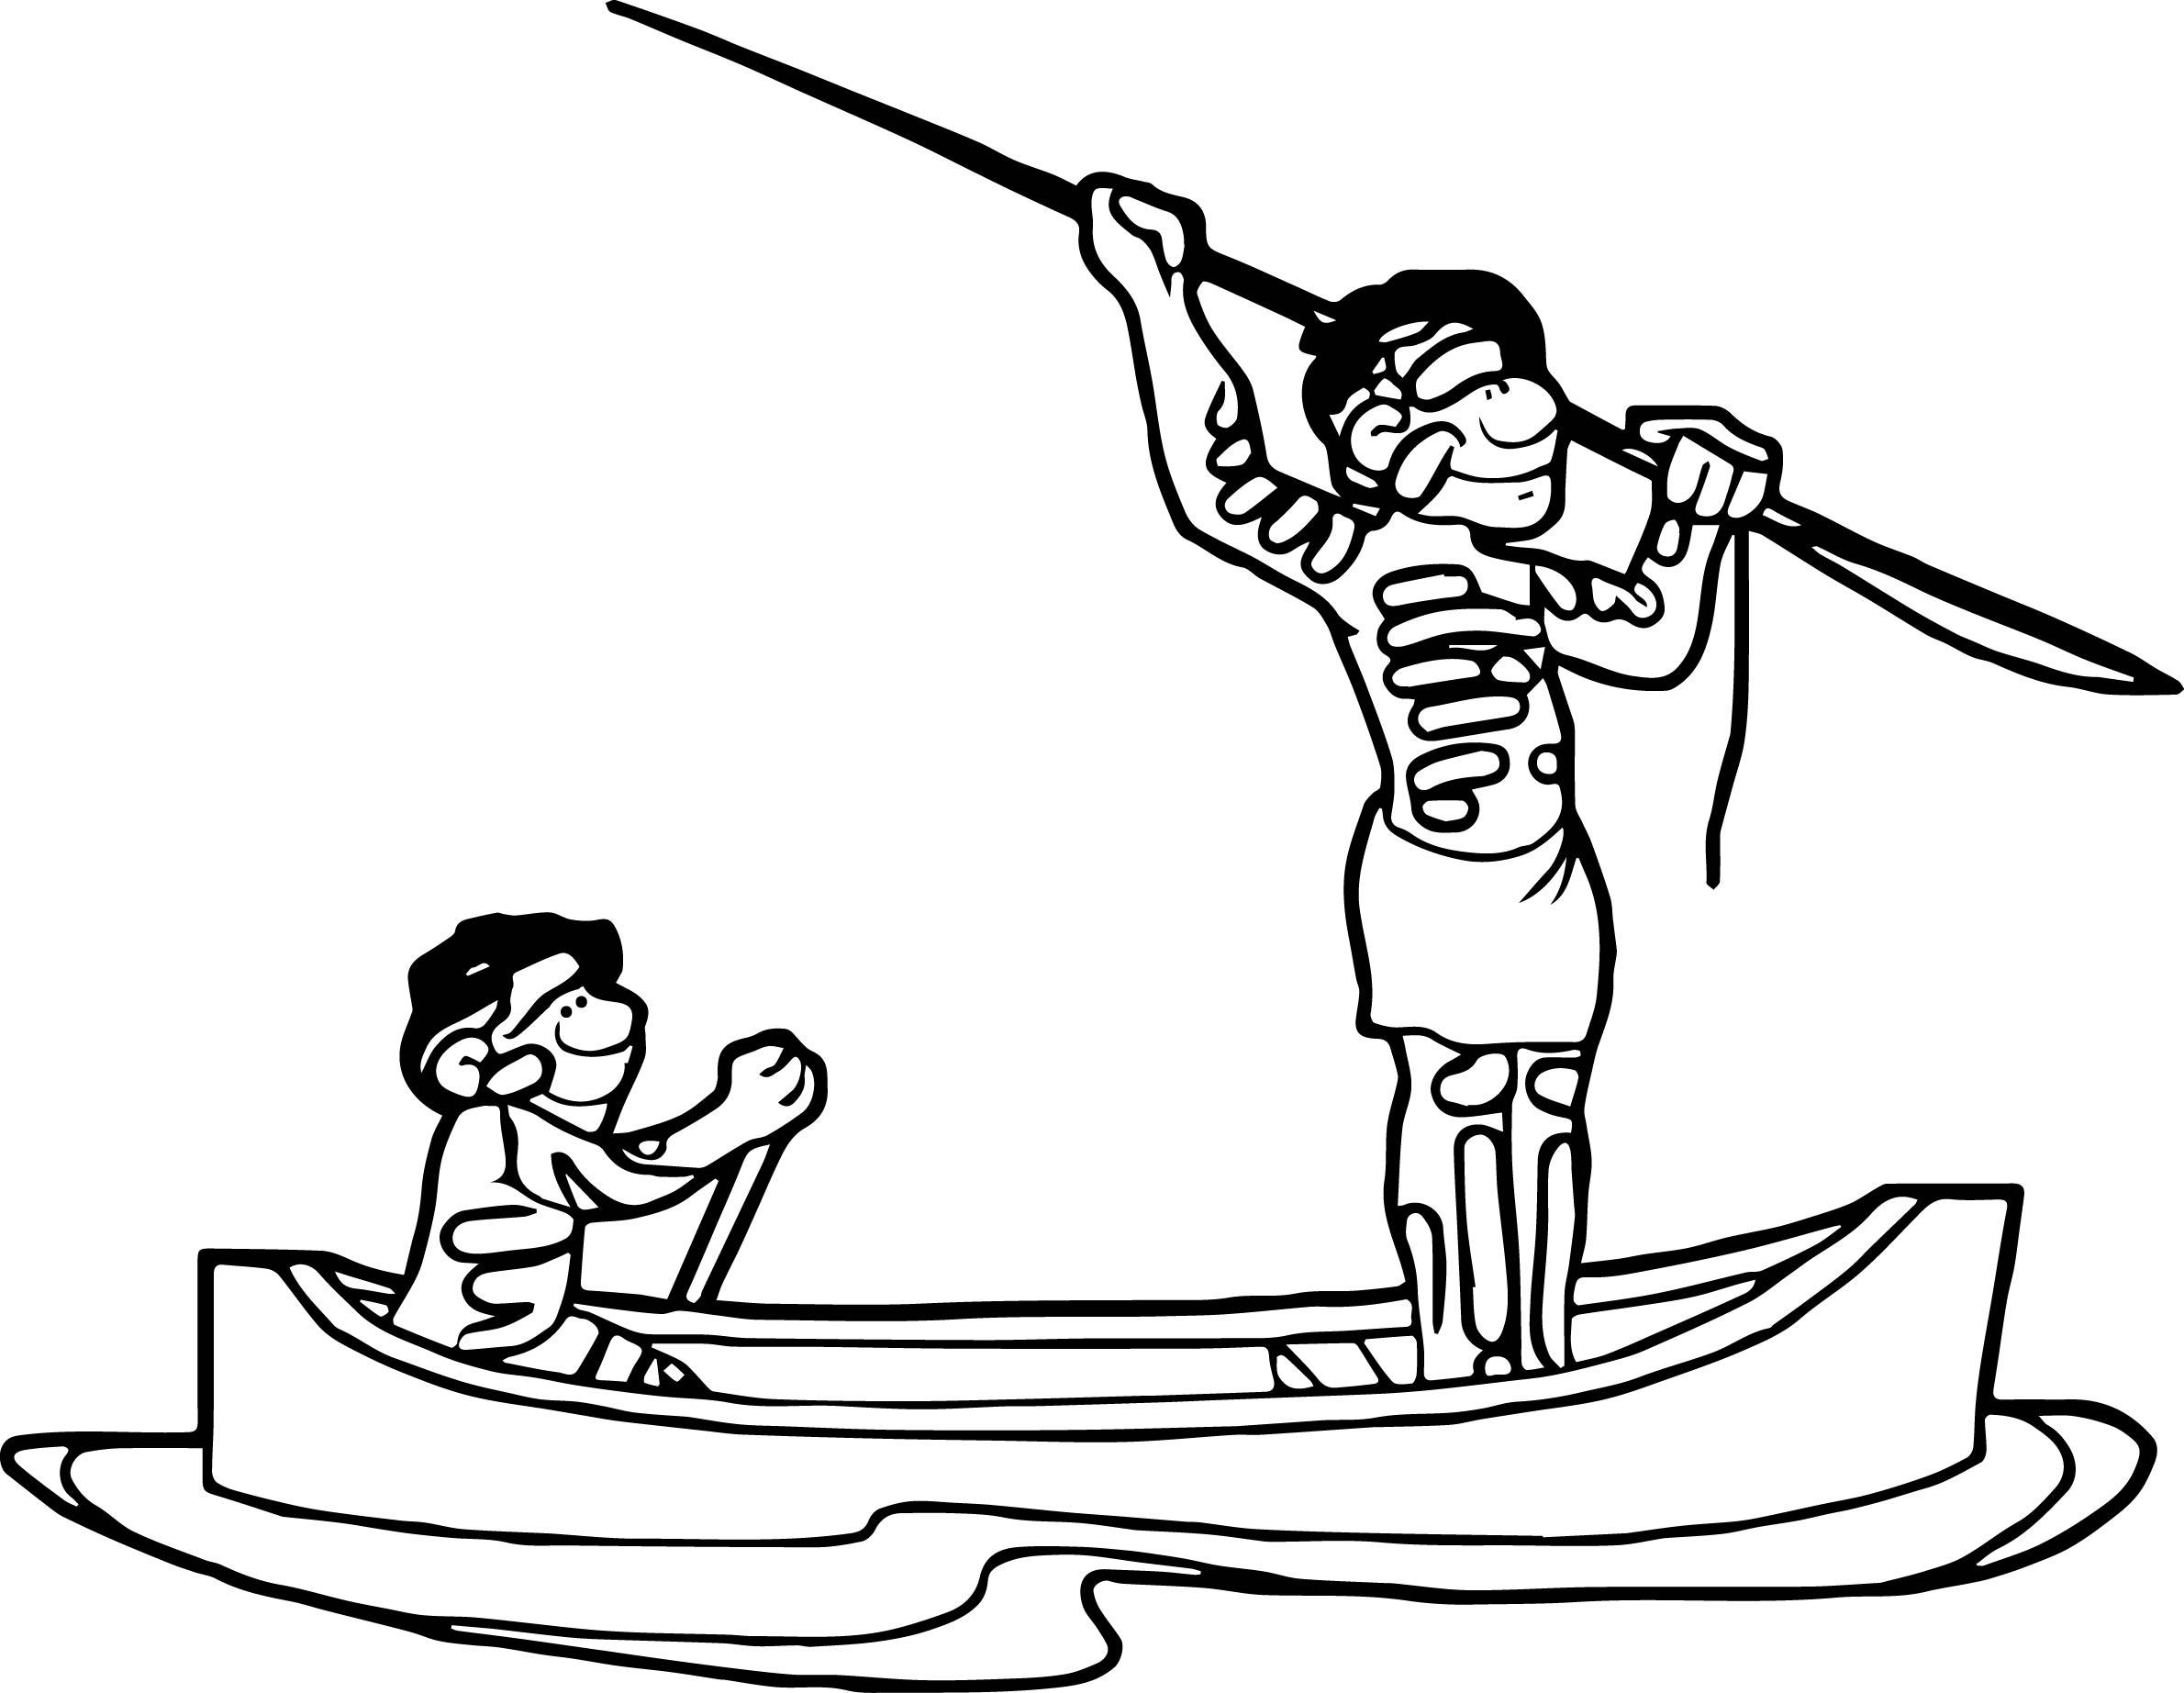 Aboriginal In The Sea Coloring Page